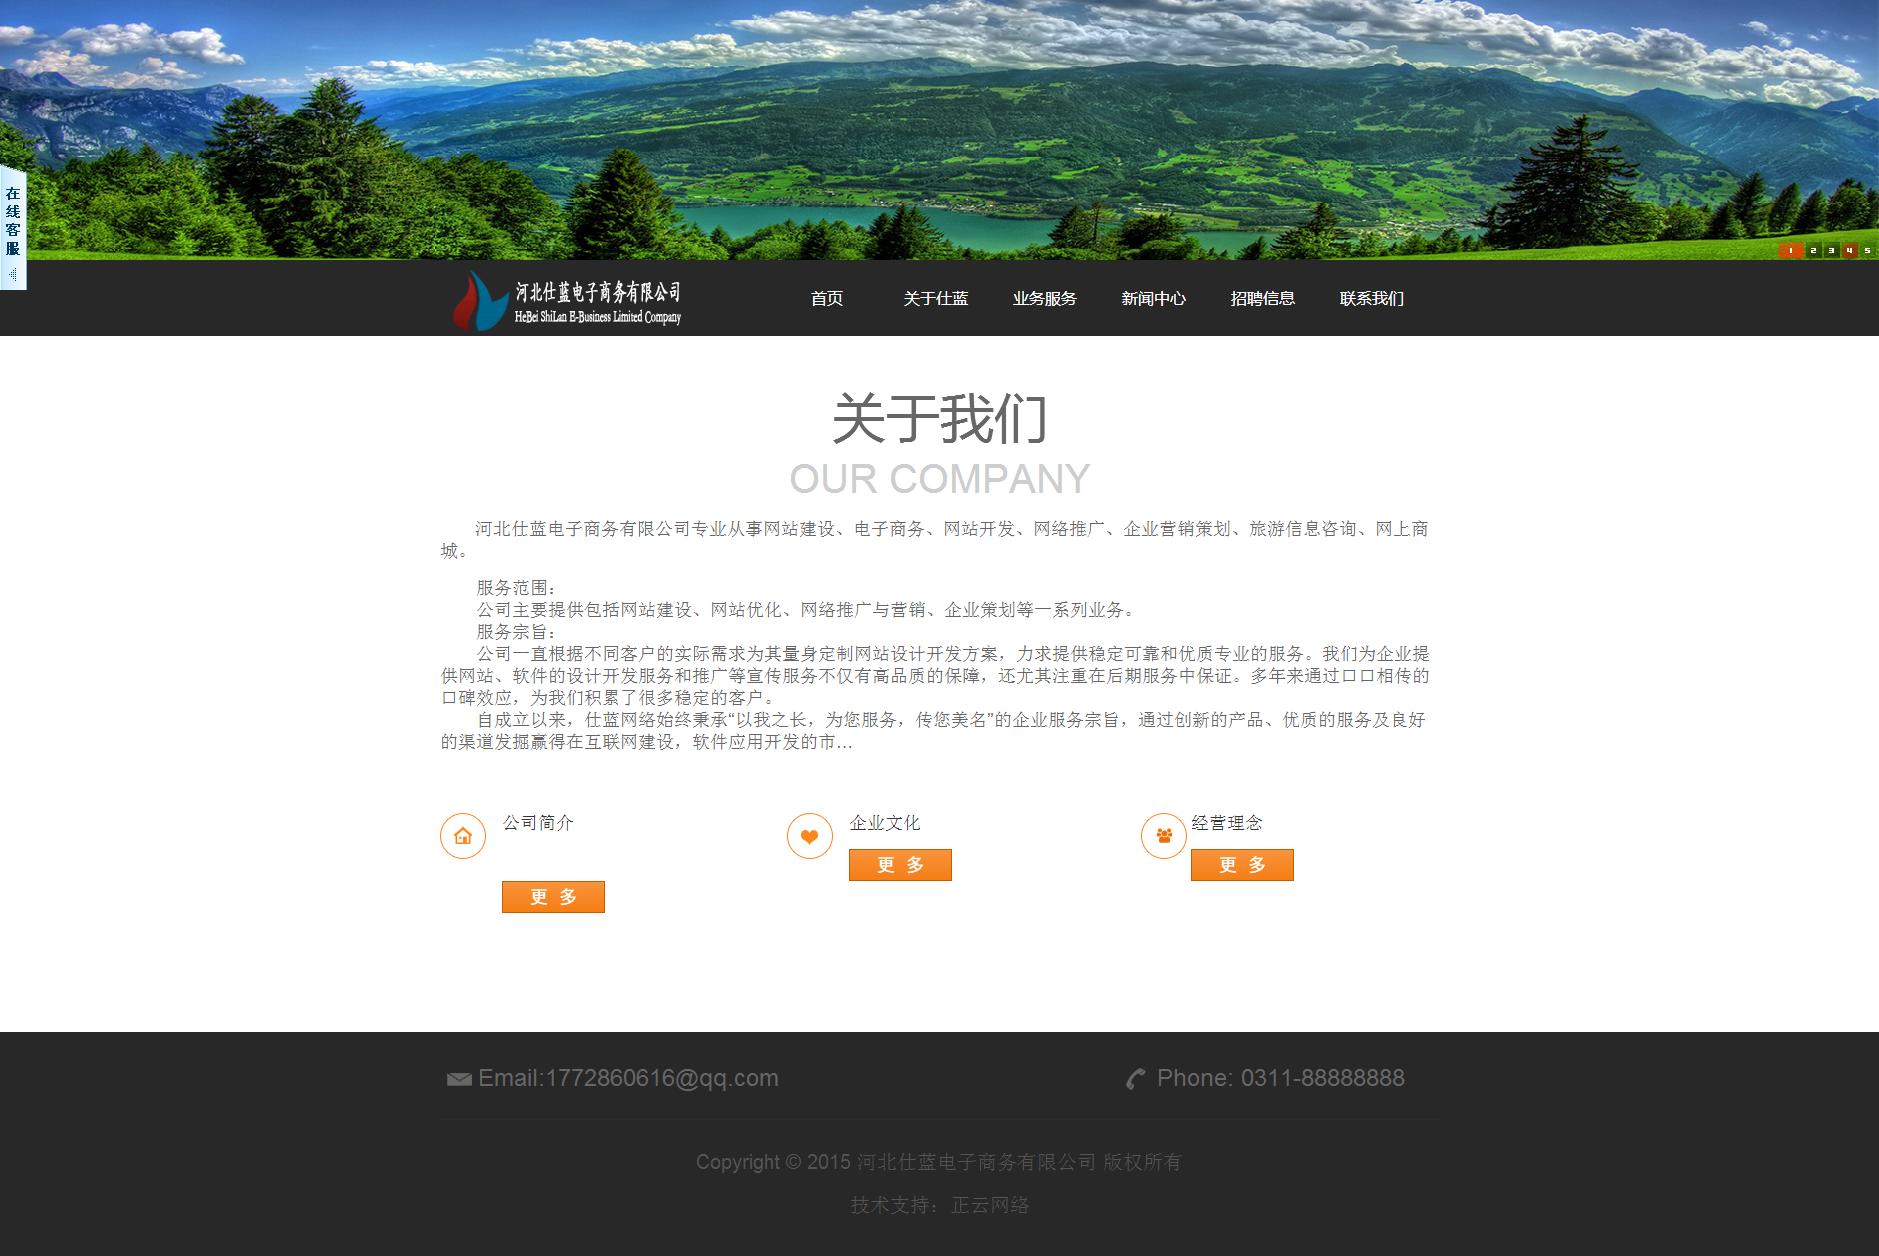 河北仕蓝电子商务有限公司网站建设案例